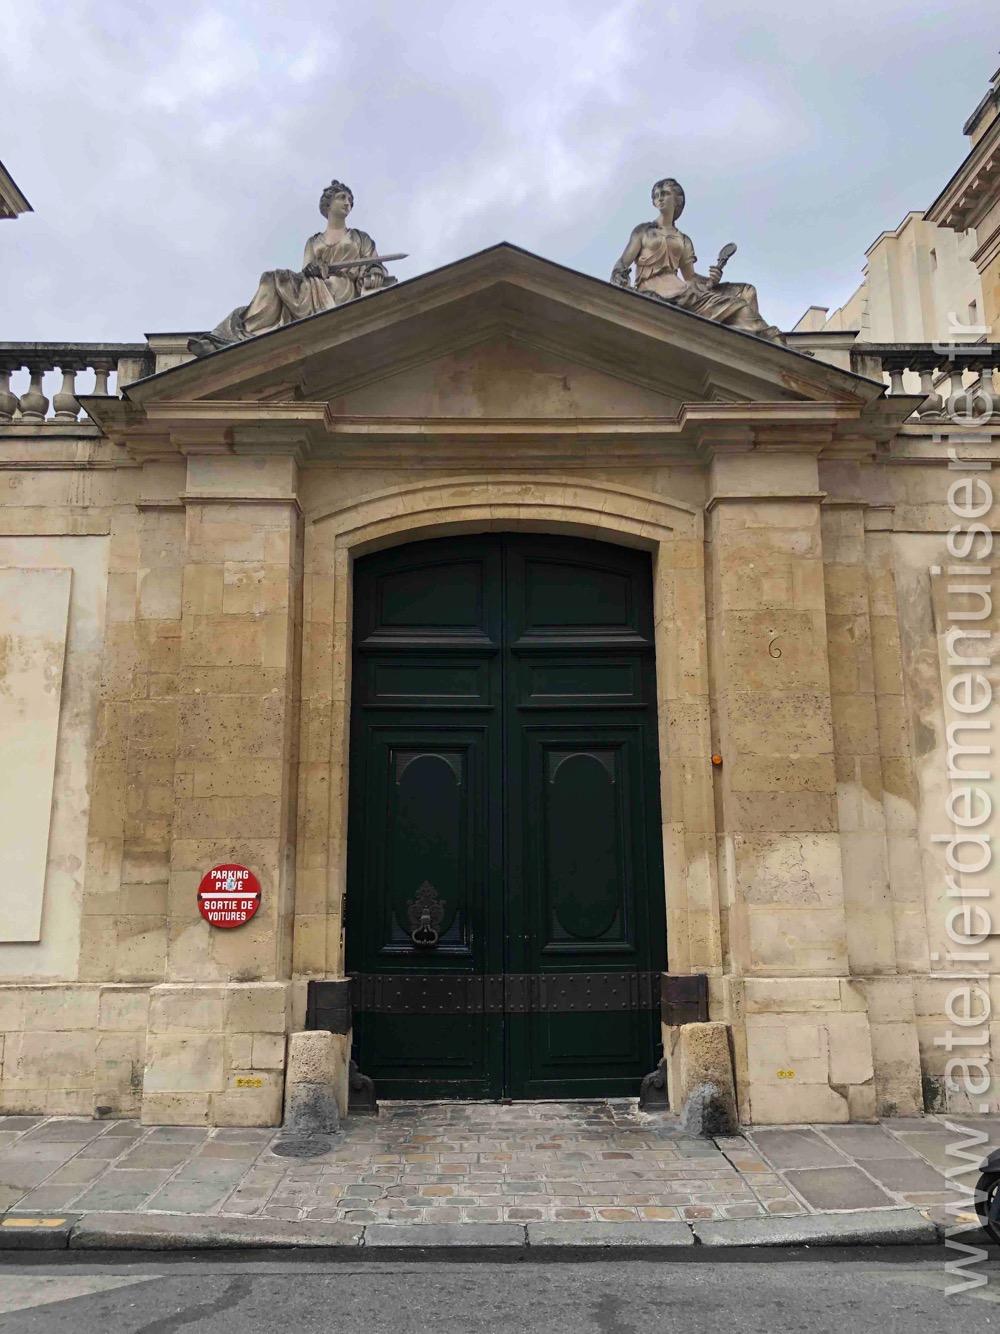 Porte Cochère - 6 RUE DE TOURNON PARIS 6